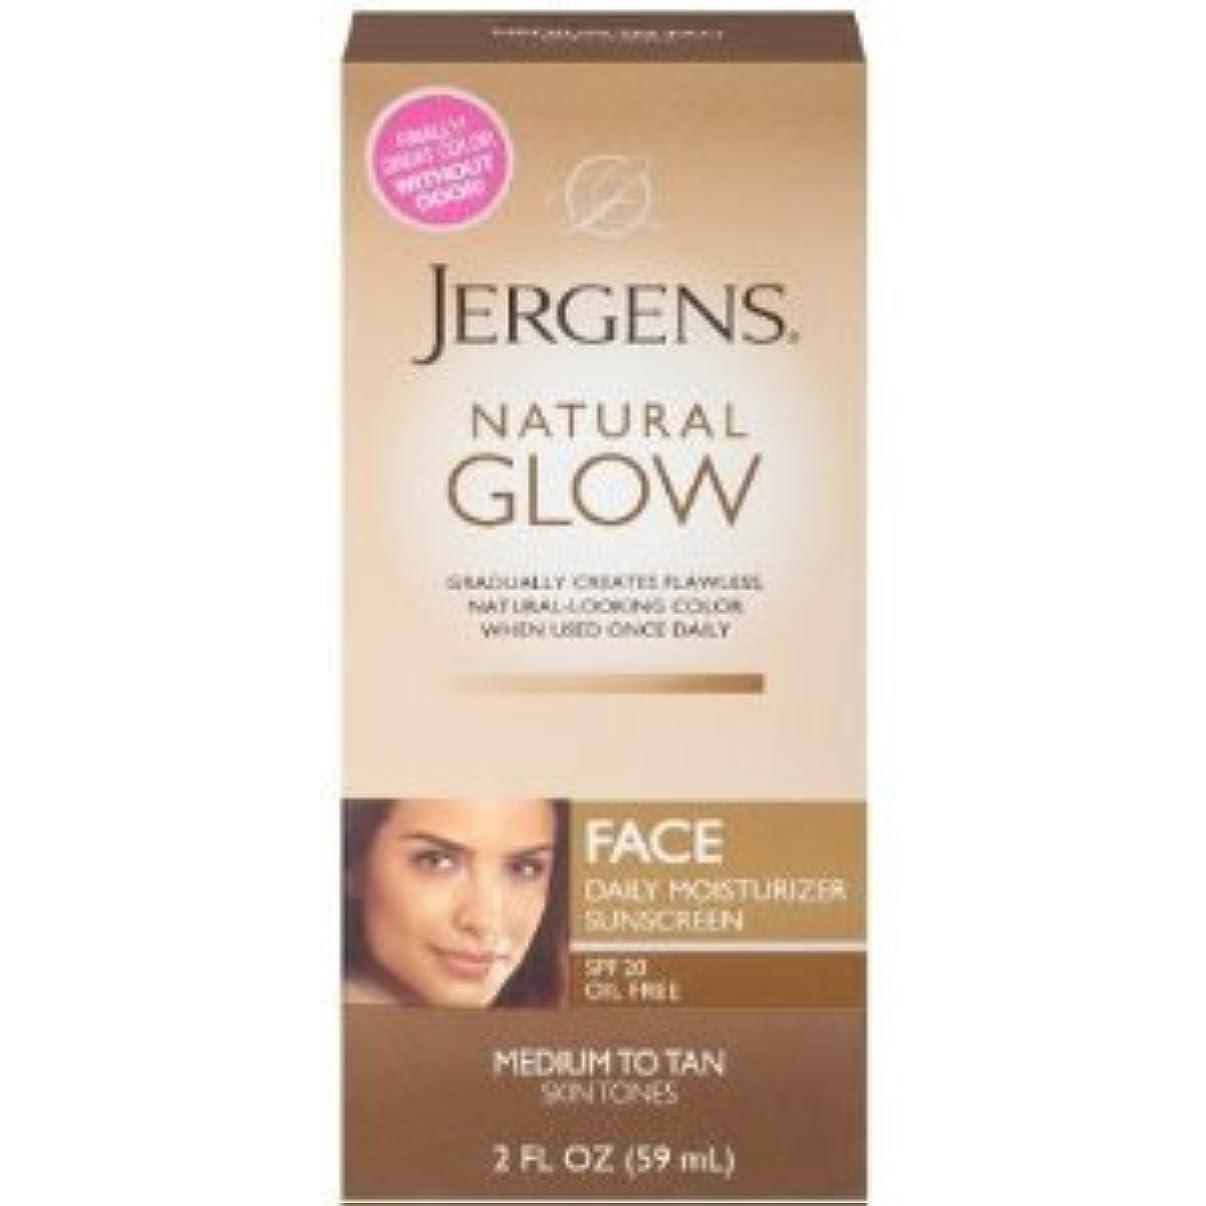 承知しました穿孔するソーダ水Natural Glow Healthy Complexion Daily Facial Moisturizer, SPF 20, Medium to Tan, (59ml) (海外直送品)